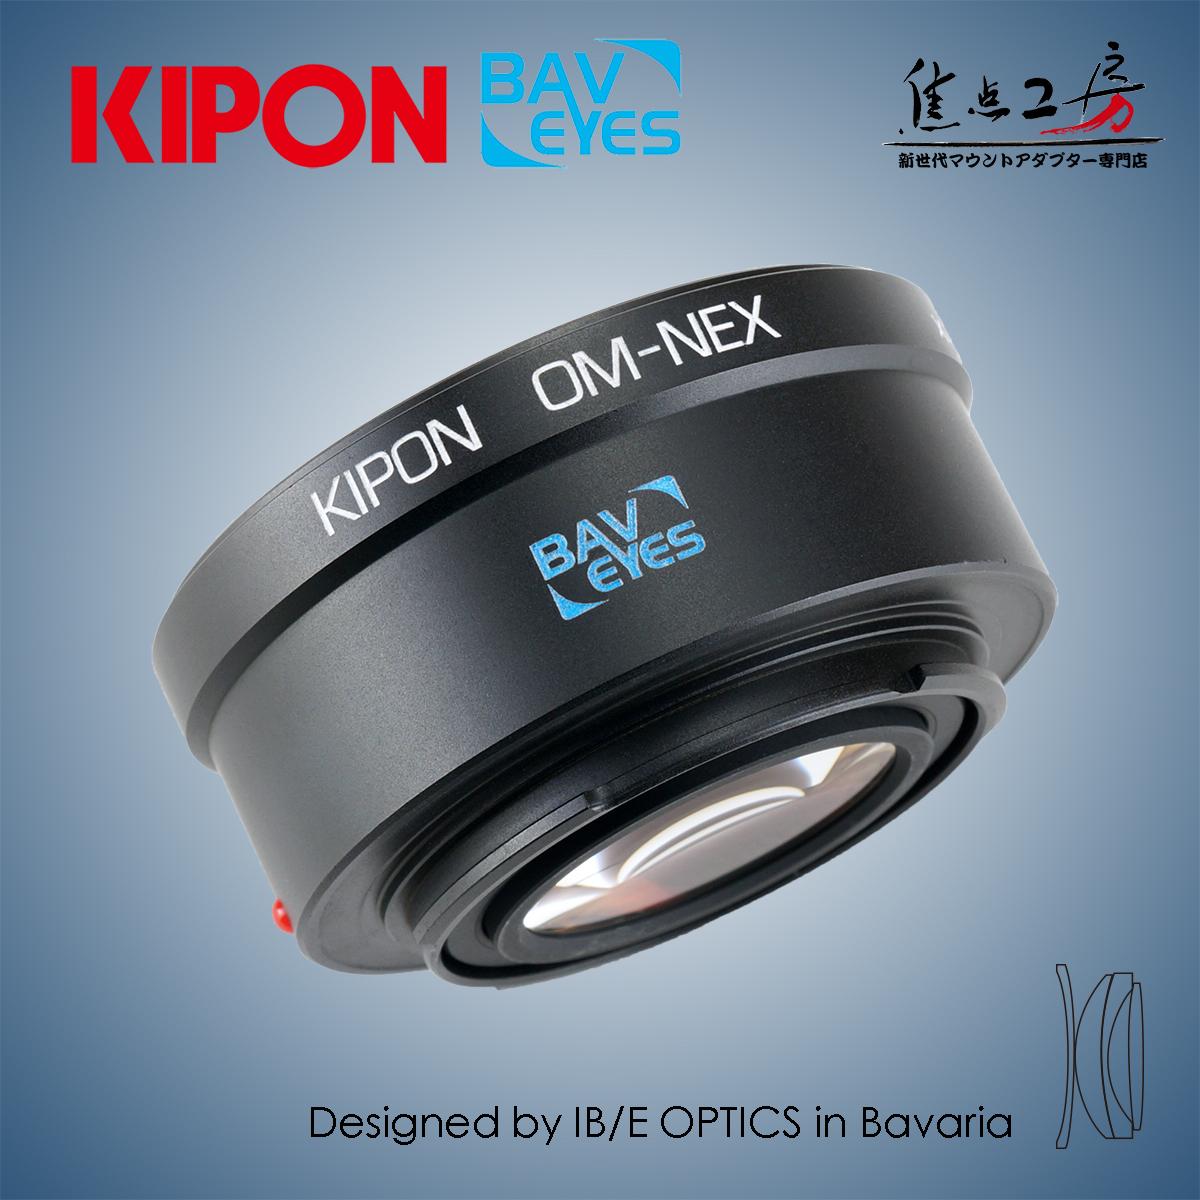 KIPON BAVEYES 올림푸스 OM 마운트 렌즈-소니 NEX/α. E マウントフォーカルレデューサーアダプター 0.7 x